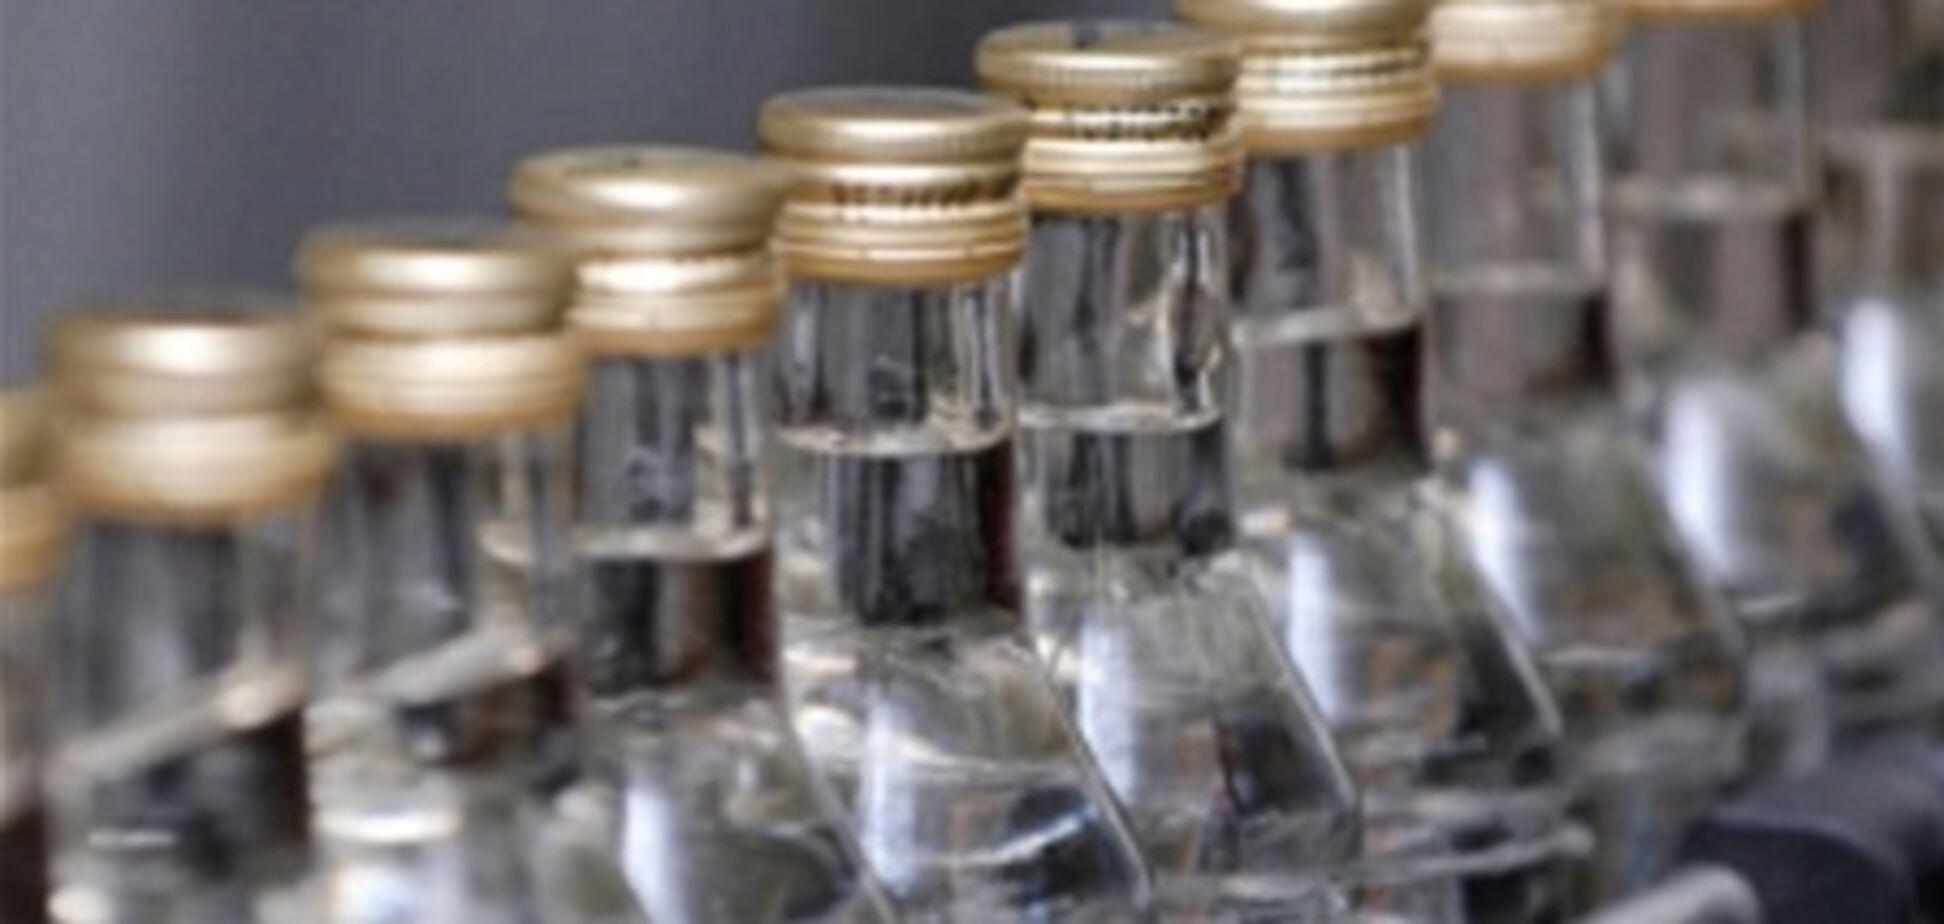 Налоговики провели масштабные проверки на рынке алкоголя